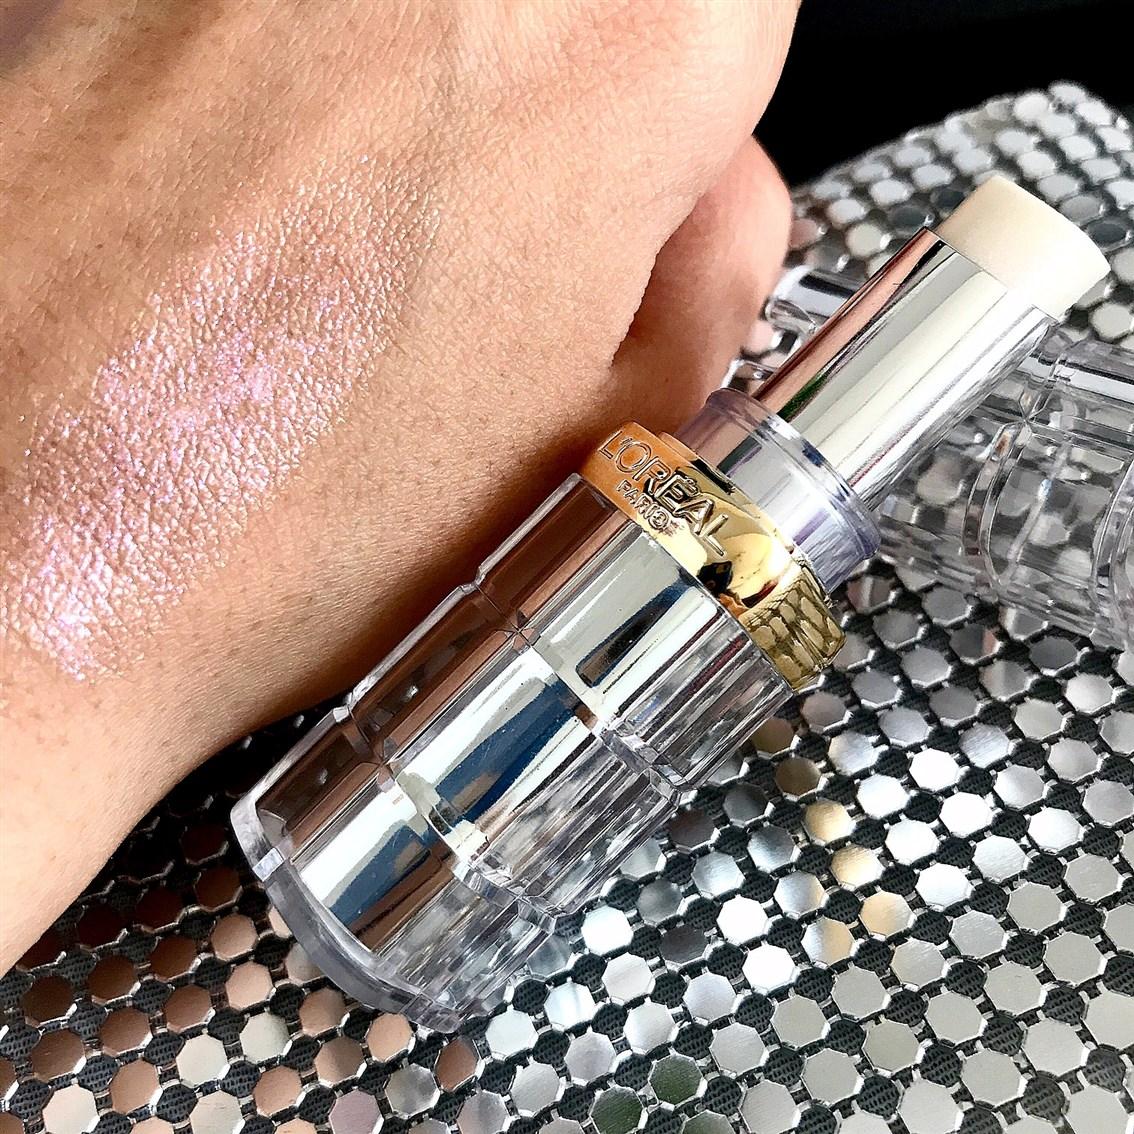 zdjęcie przedstawiające swatch pomadki L'Oreal Color Riche Shine 905 Bae